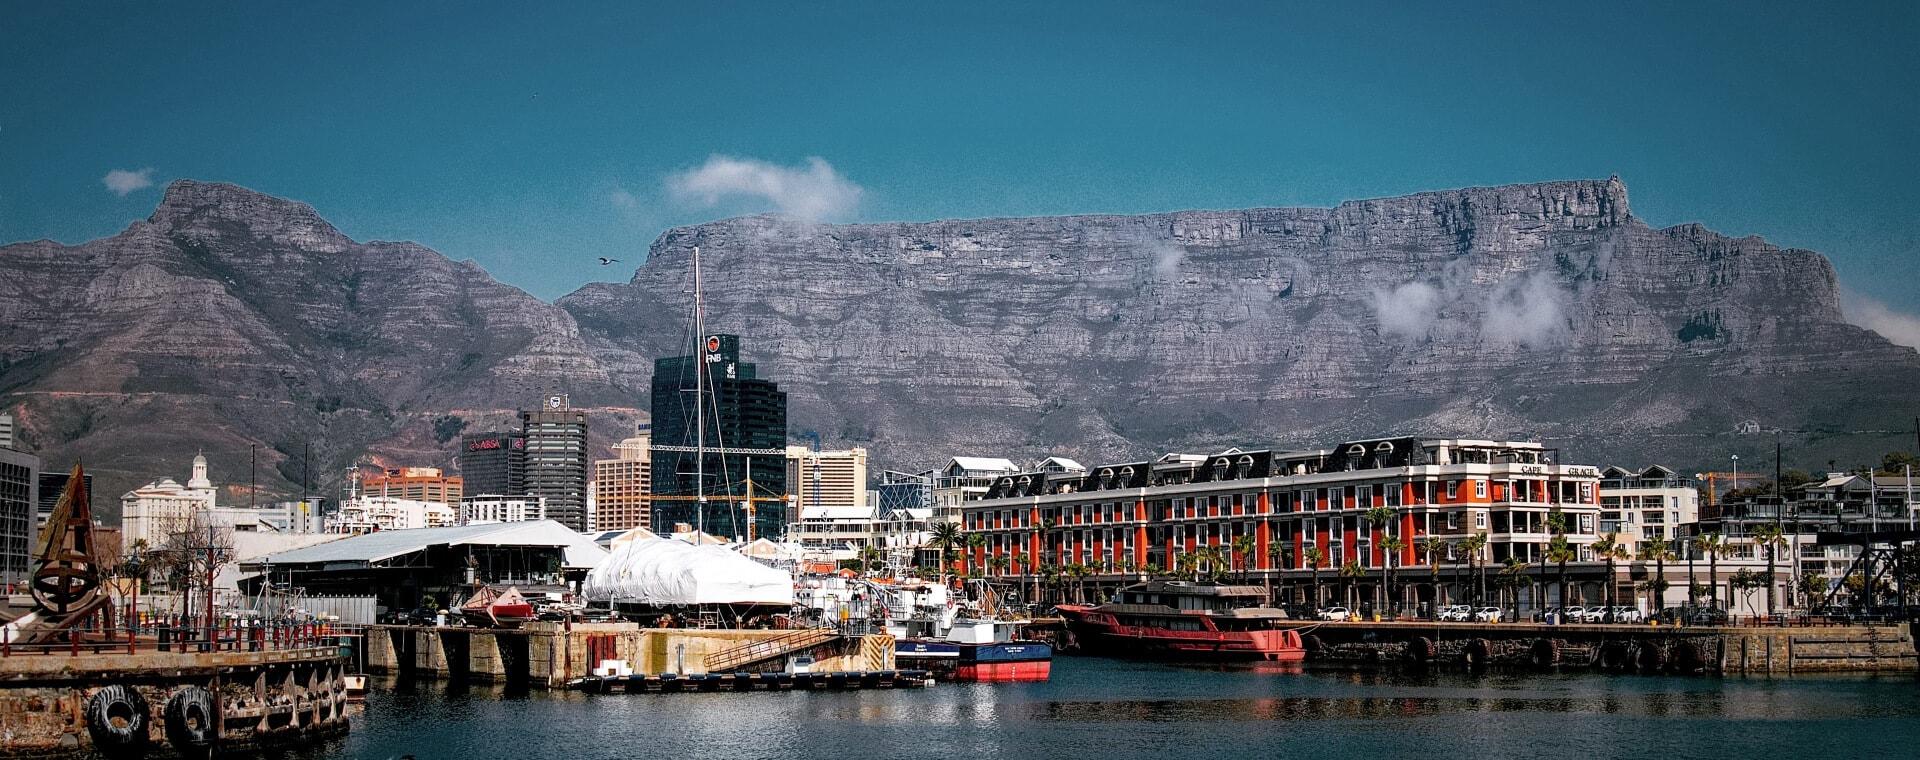 South Africa risks illustration